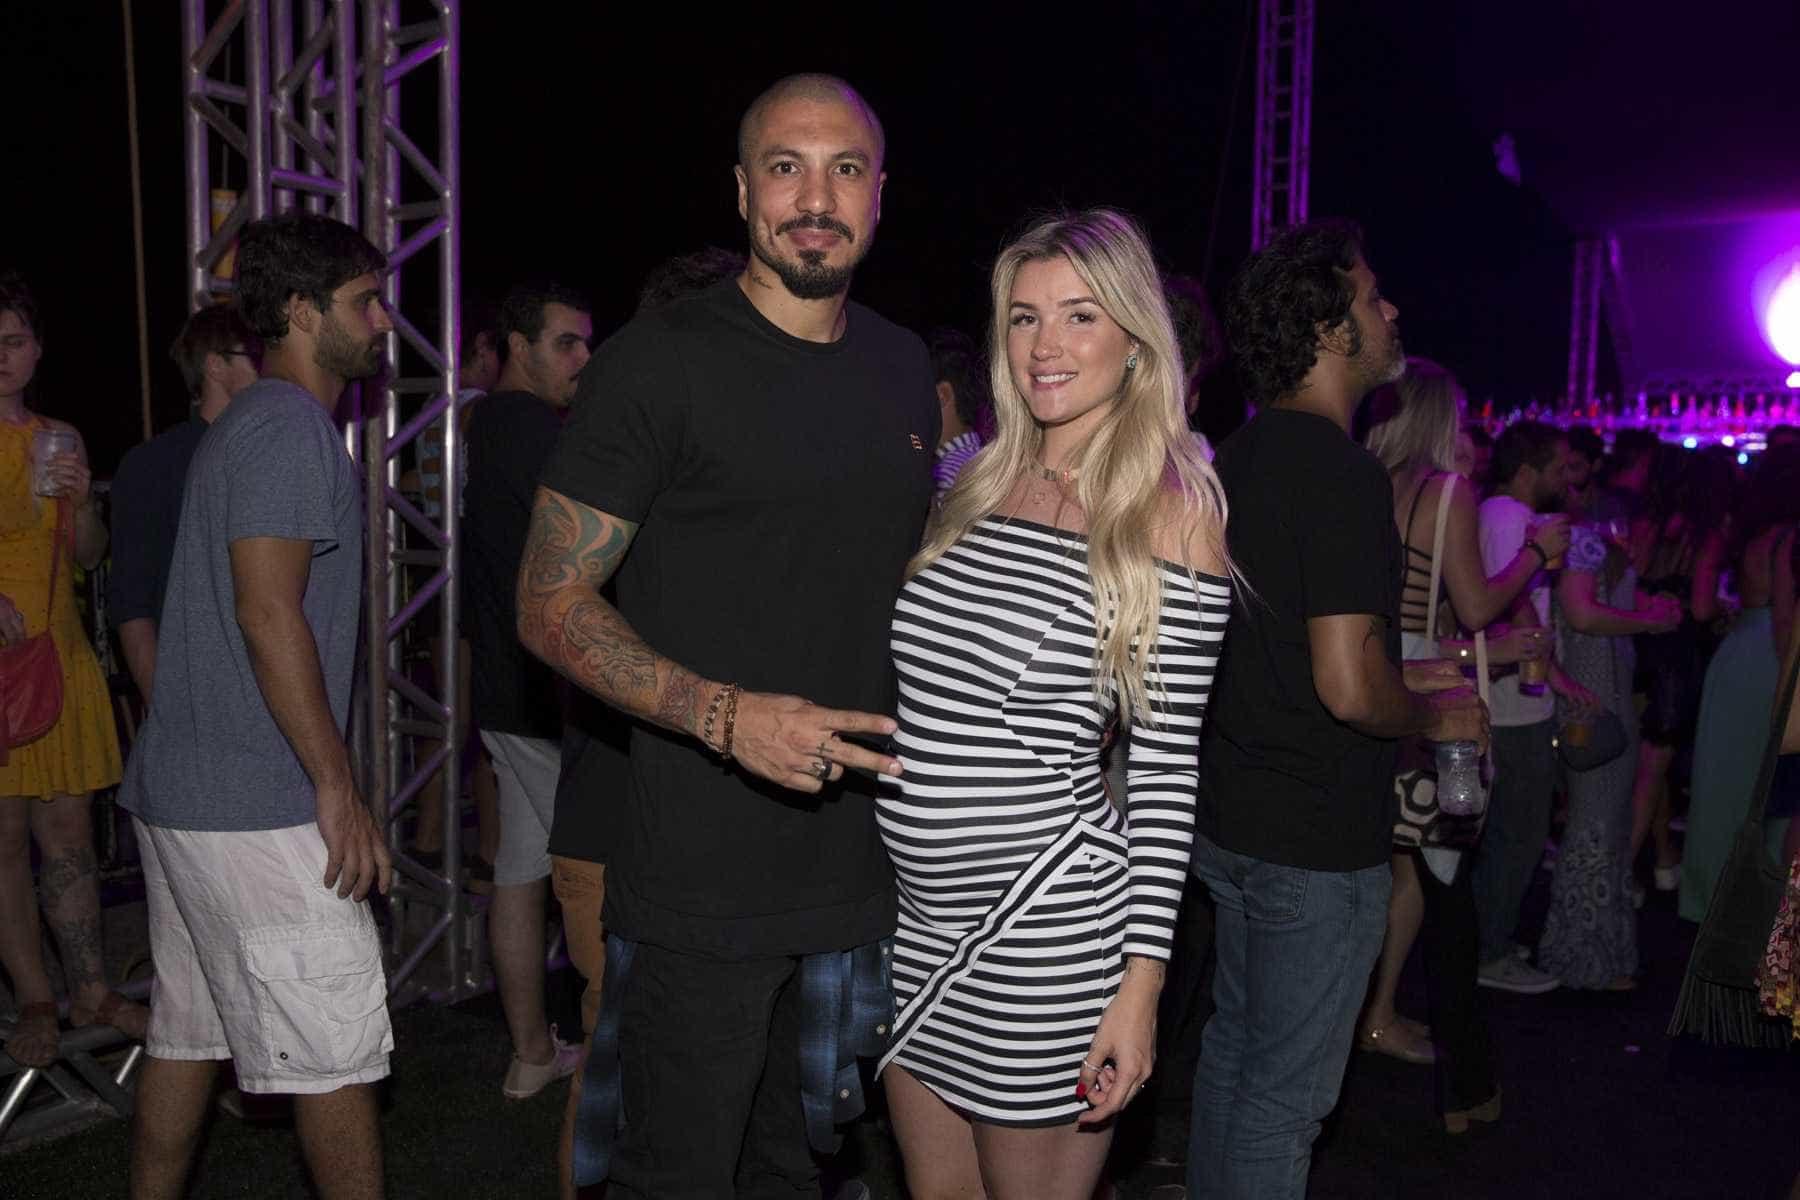 Ex-BBBs Fernando e Aline reatam após 5 meses separados